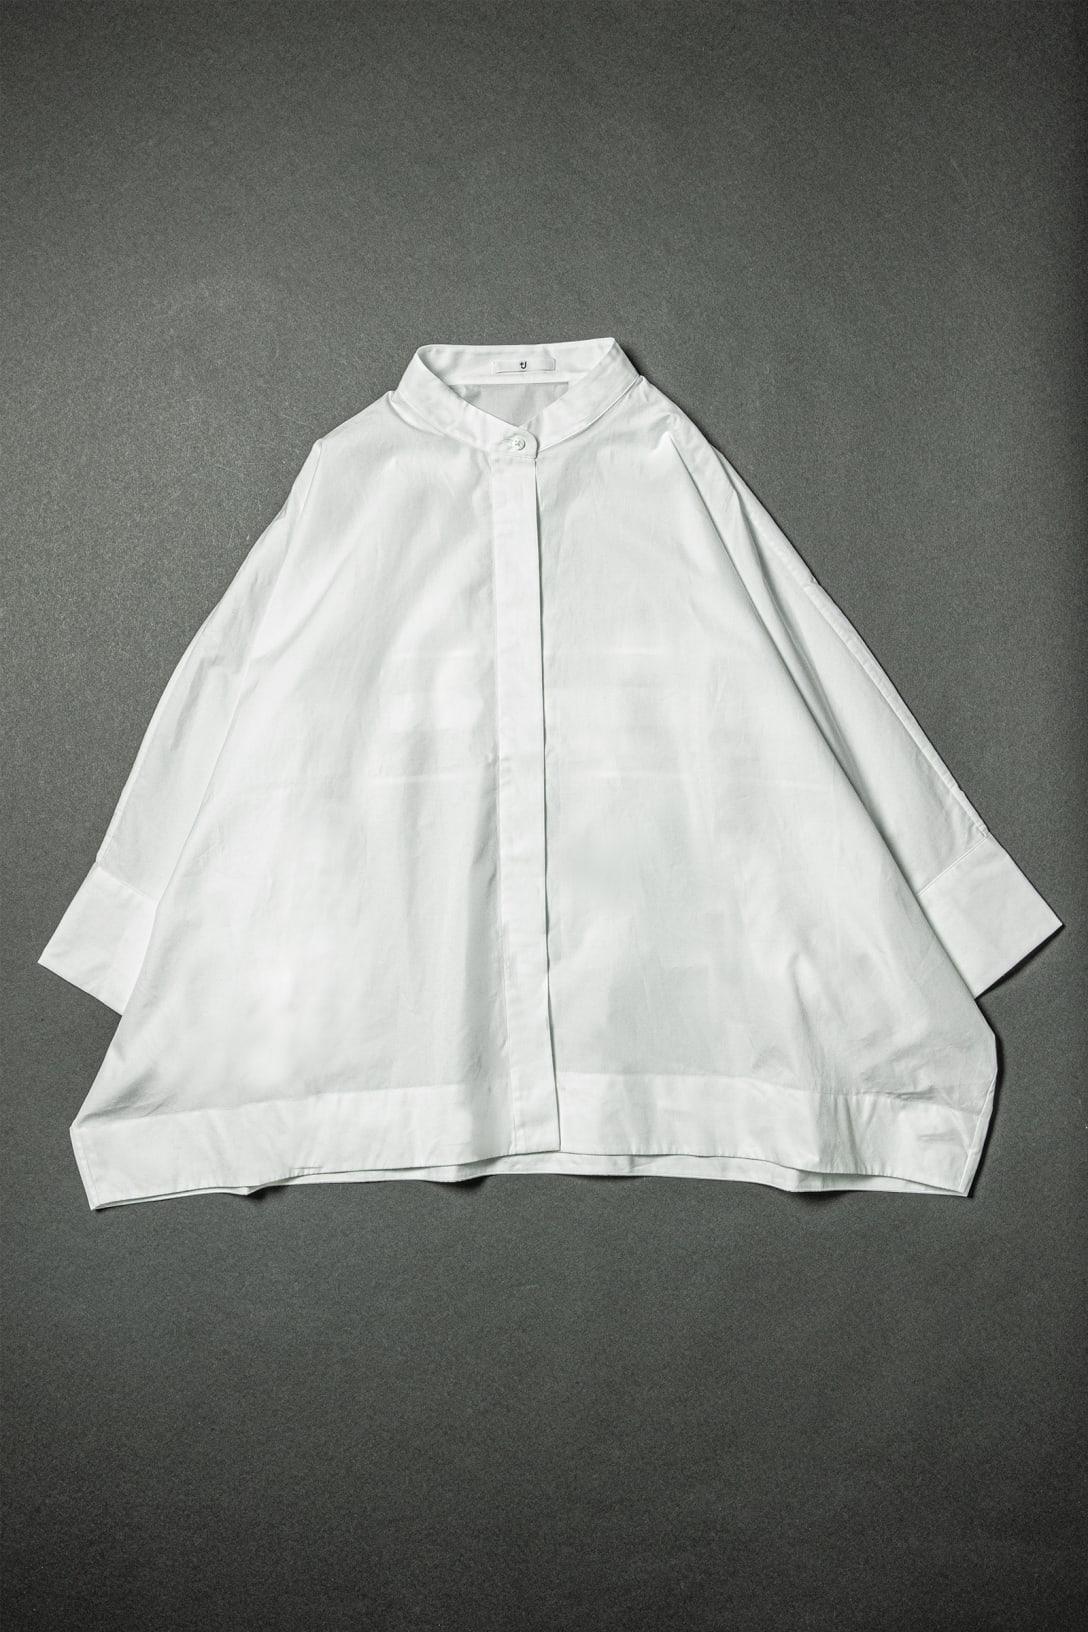 スーピマコットンドルマンスリーブシャツ 7分袖(3990円)